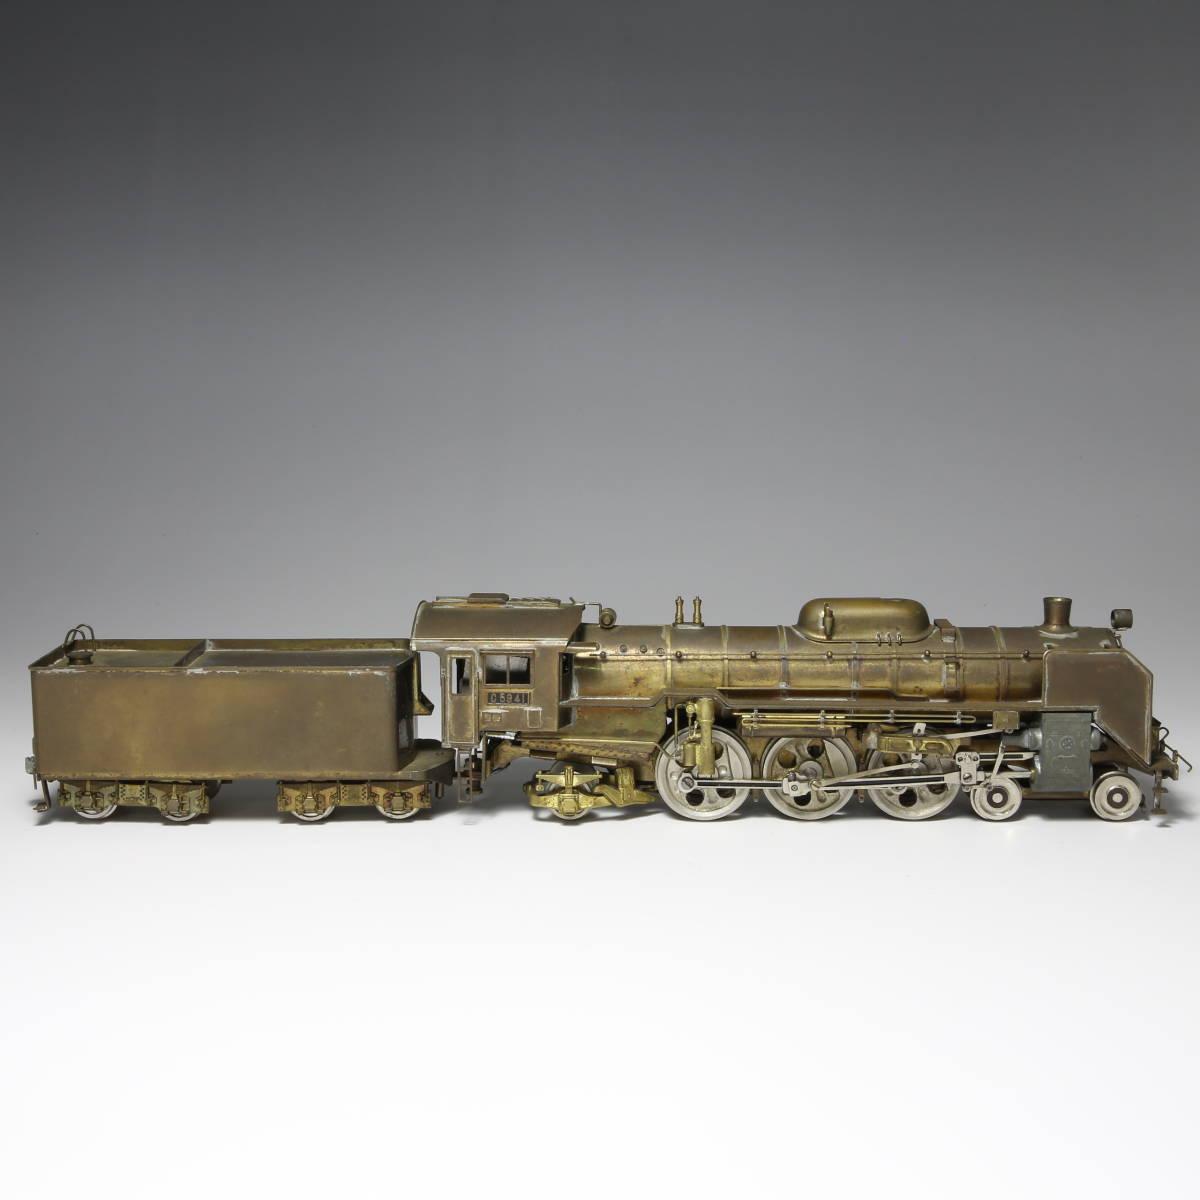 メーカー不明 国鉄 C59 蒸気機関車 未塗装 送料無料_画像3